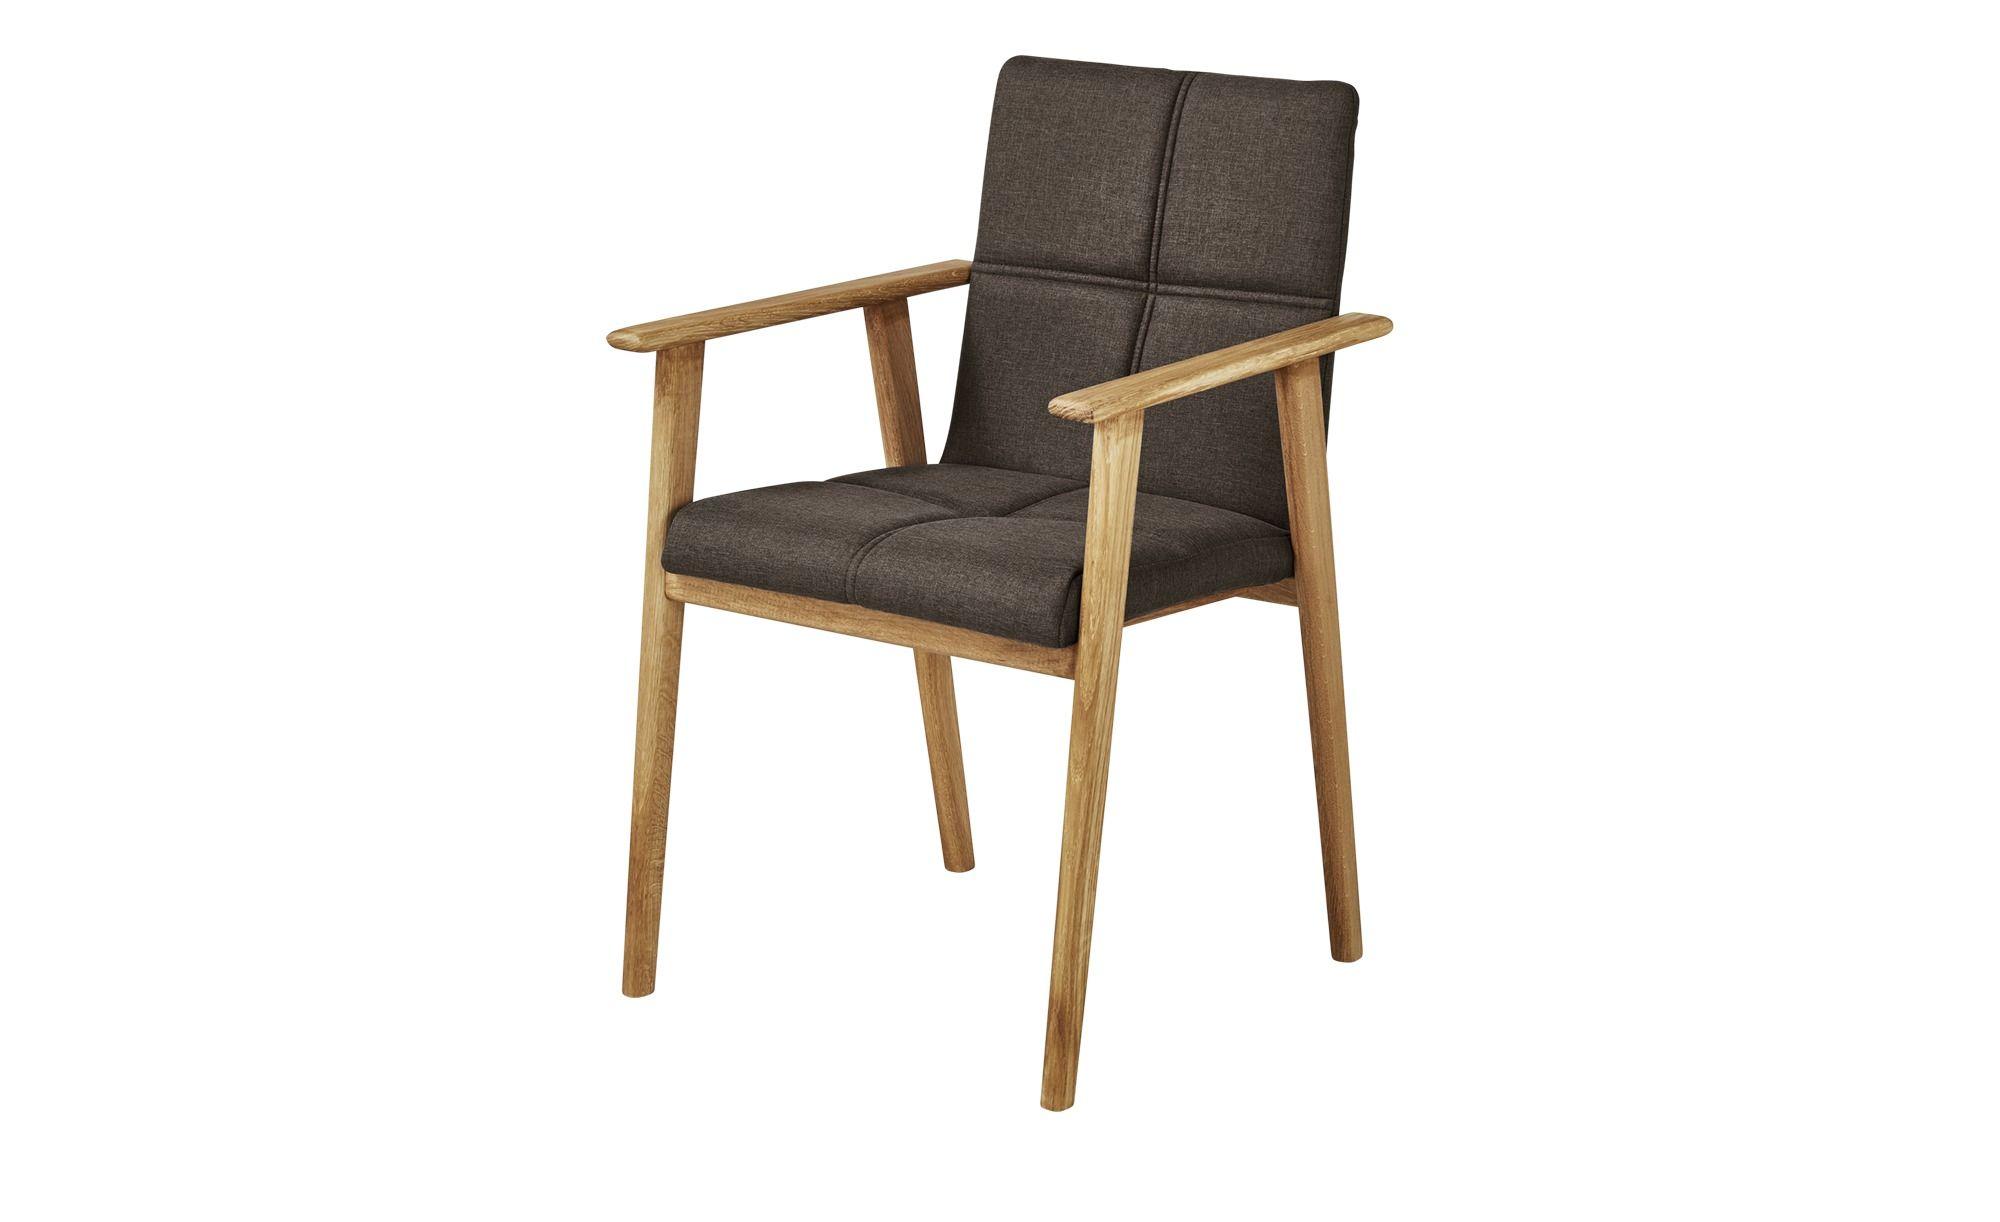 Entzückend Küchenstühle Mit Armlehne Dekoration Von Woodford Polsterstuhl Anni-al Stühle > Esszimmerstühle >